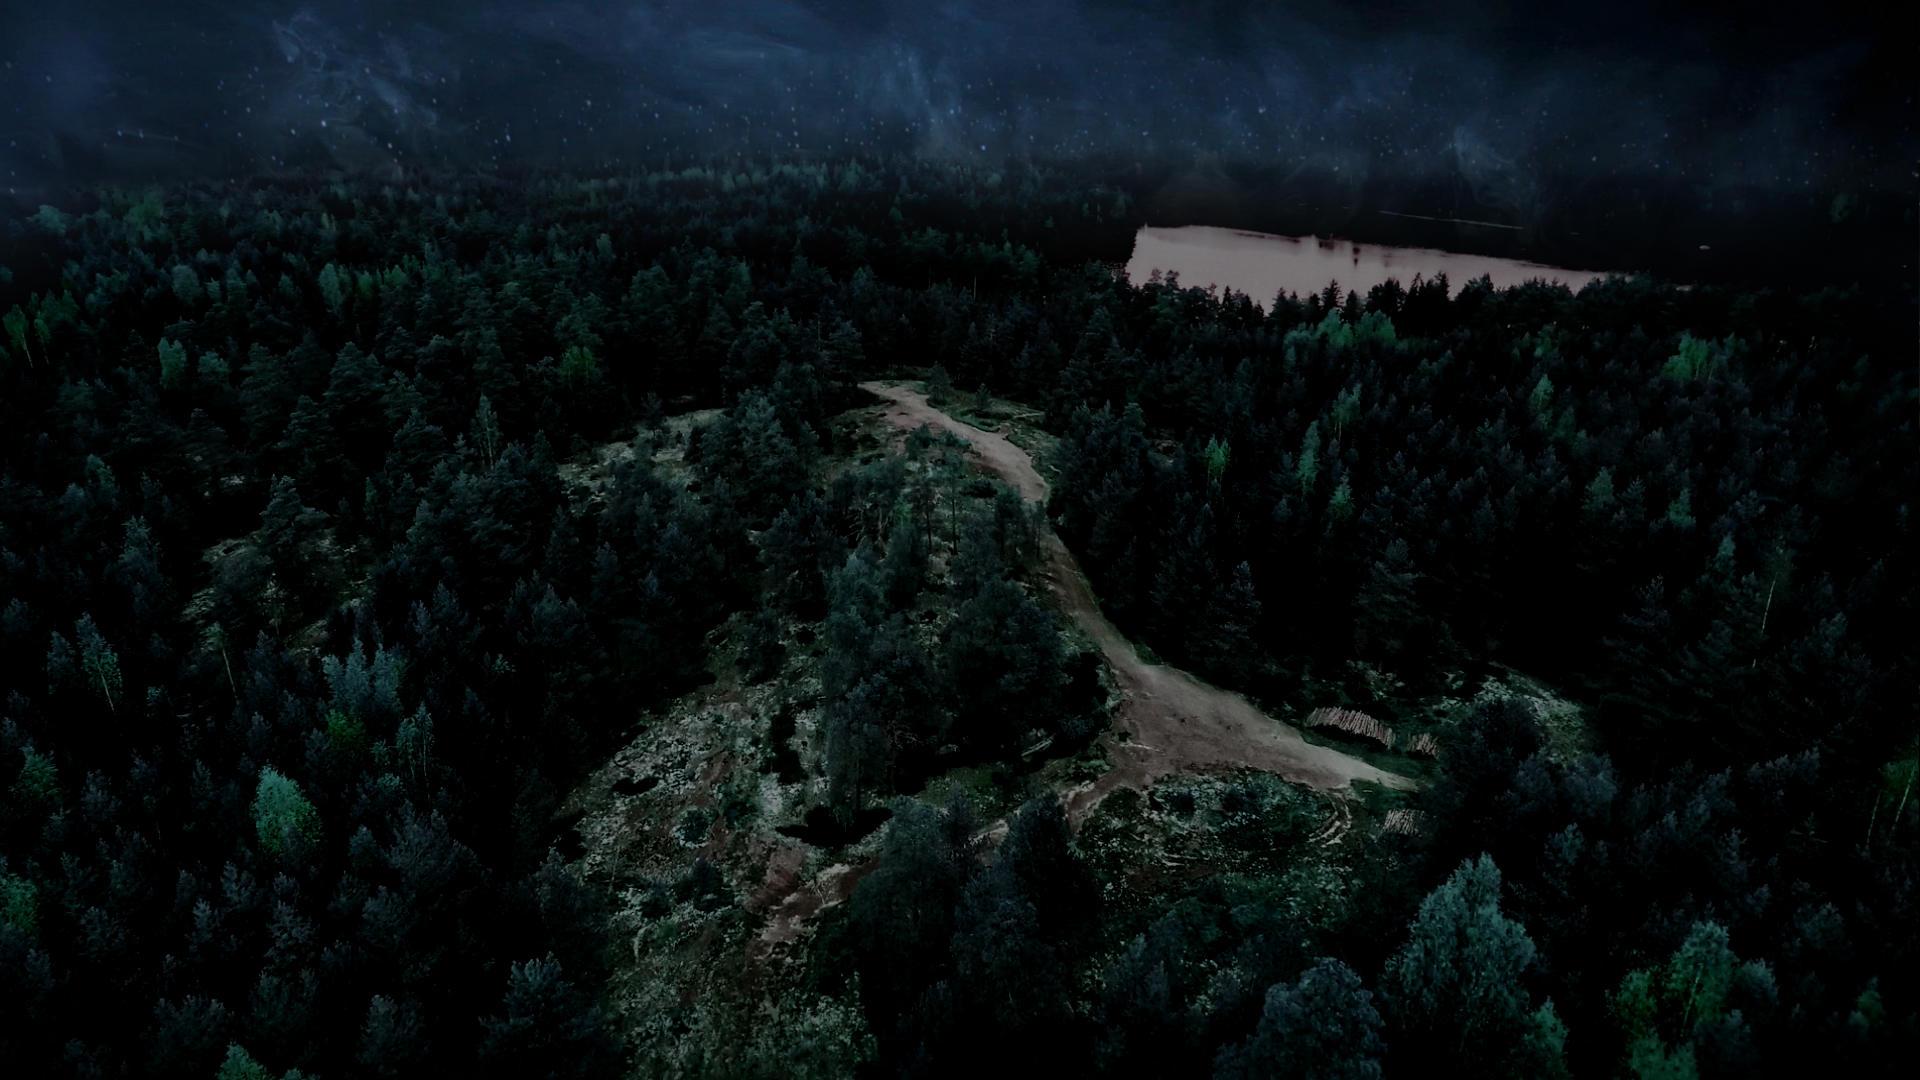 полёт над ночным лесом. путешествие в мир духов